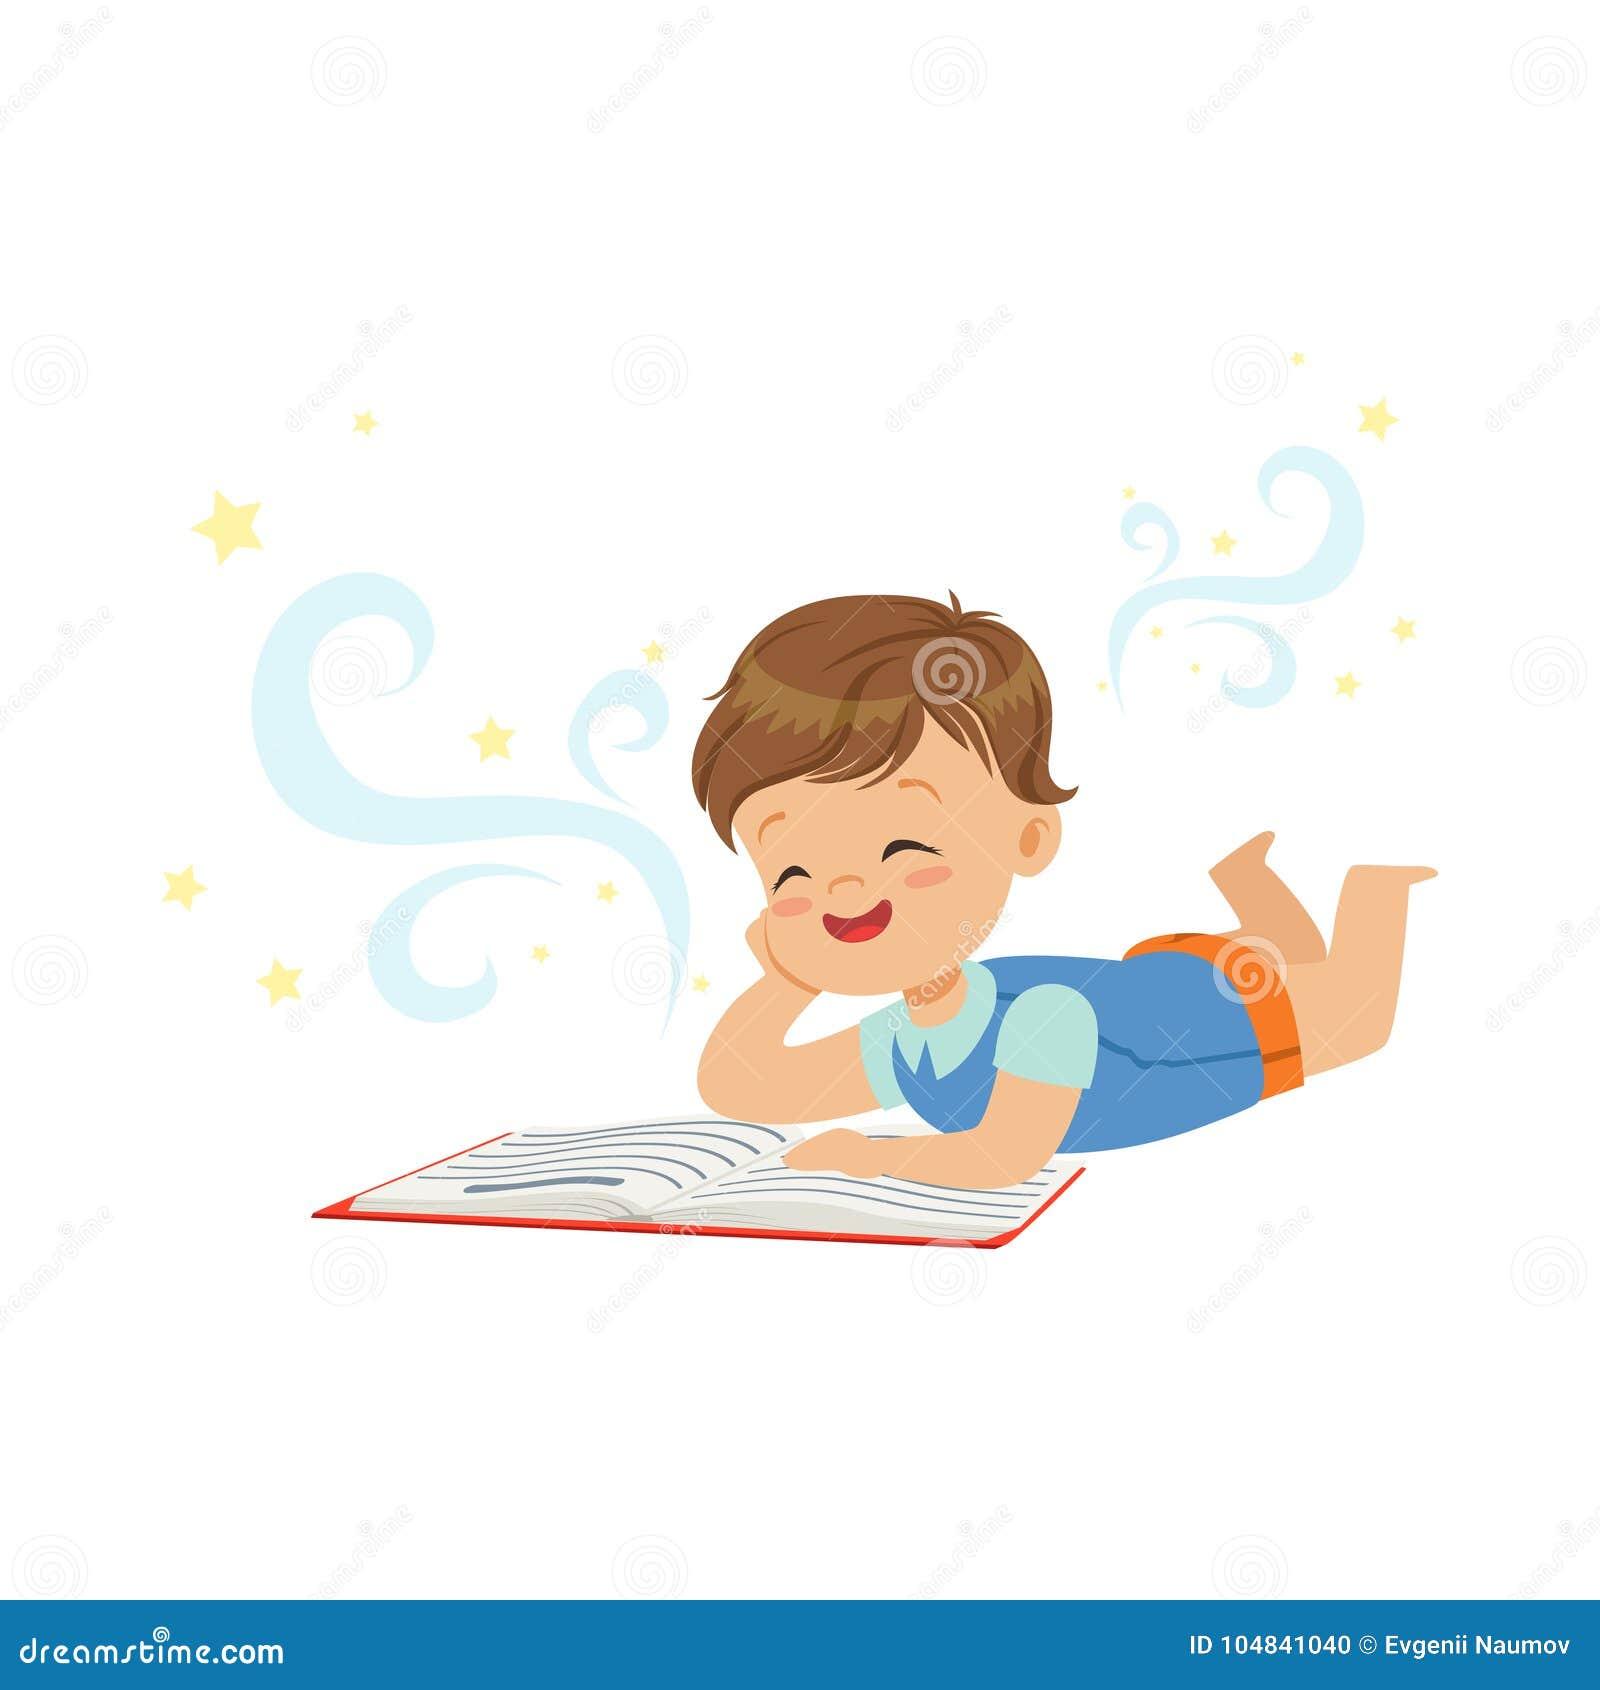 Rolig pys som ligger och läser den magiska boken med fantasiberättelser Intressant barndom- och fantasibegrepp